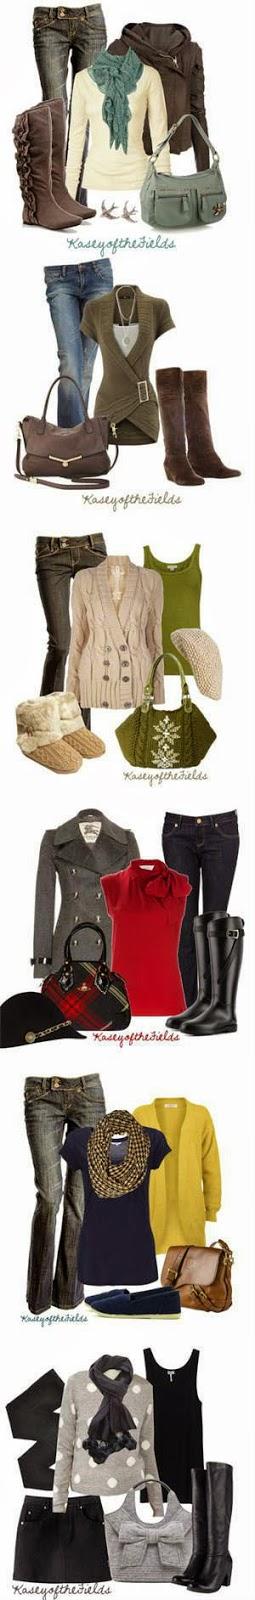 fall-fashions